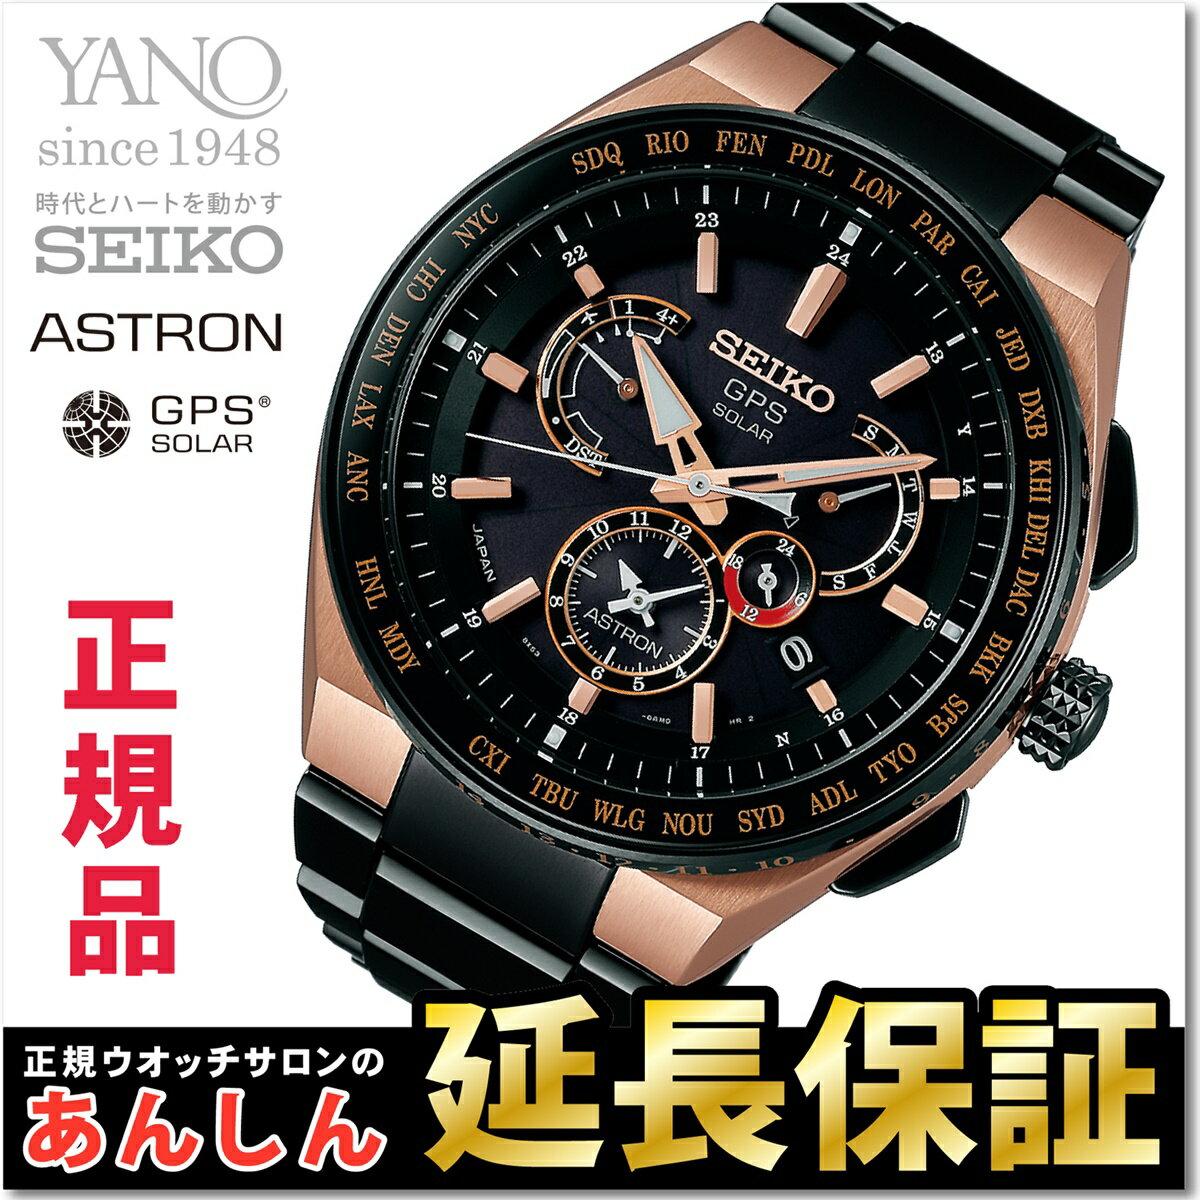 【当店だけのノベルティトレイ&ショッパー付き!】SEIKO ASTRON セイコー アストロン SBXB126 エグゼクティブライン ローズゴールド GPSソーラー衛星 電波時計 メンズ 腕時計【0617】_10spl